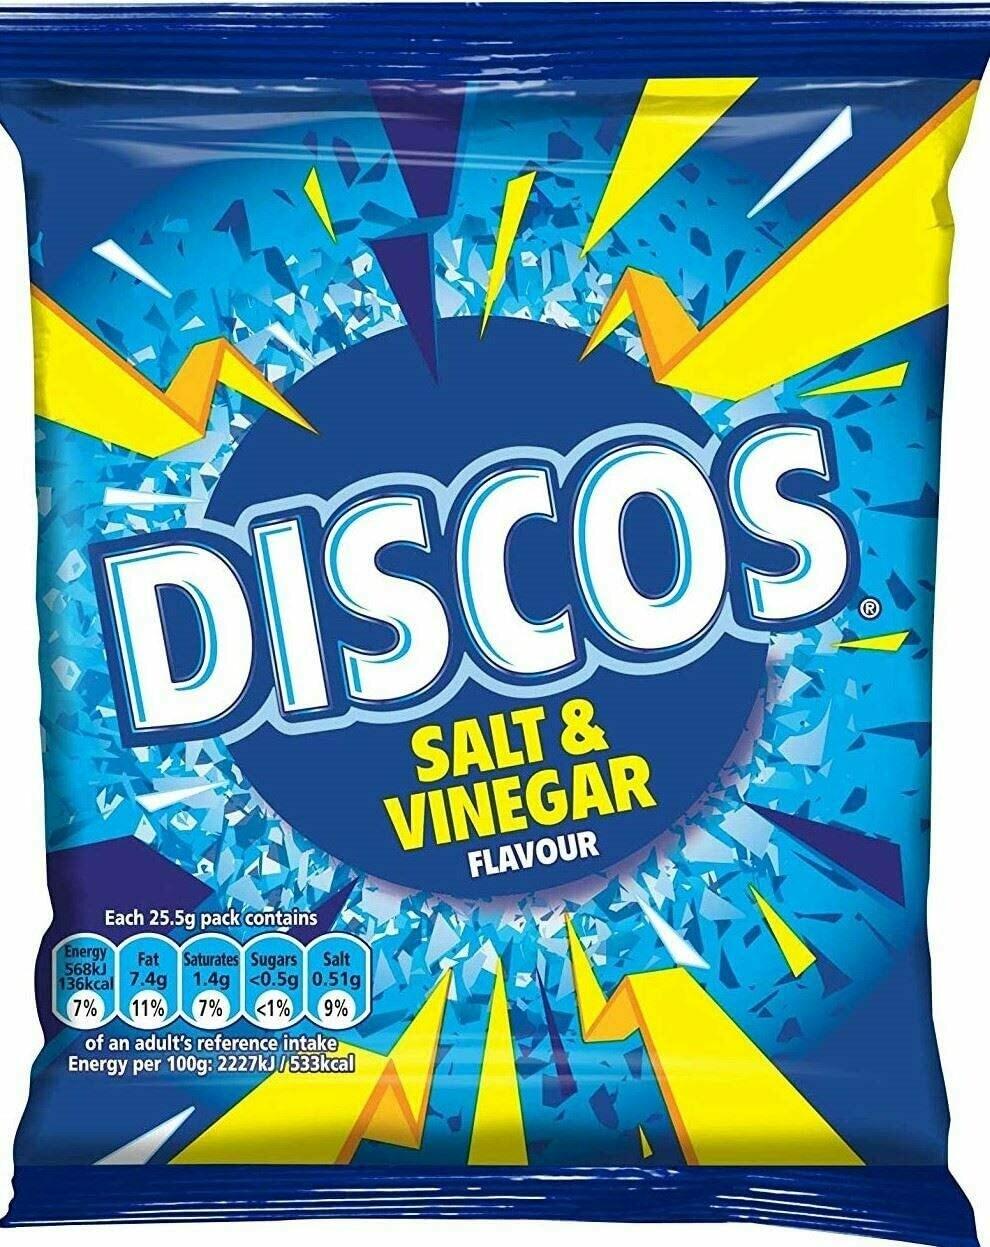 Discos Salt & Vinegar Flavour Crisps 25.5g Bags [24 PACKS]